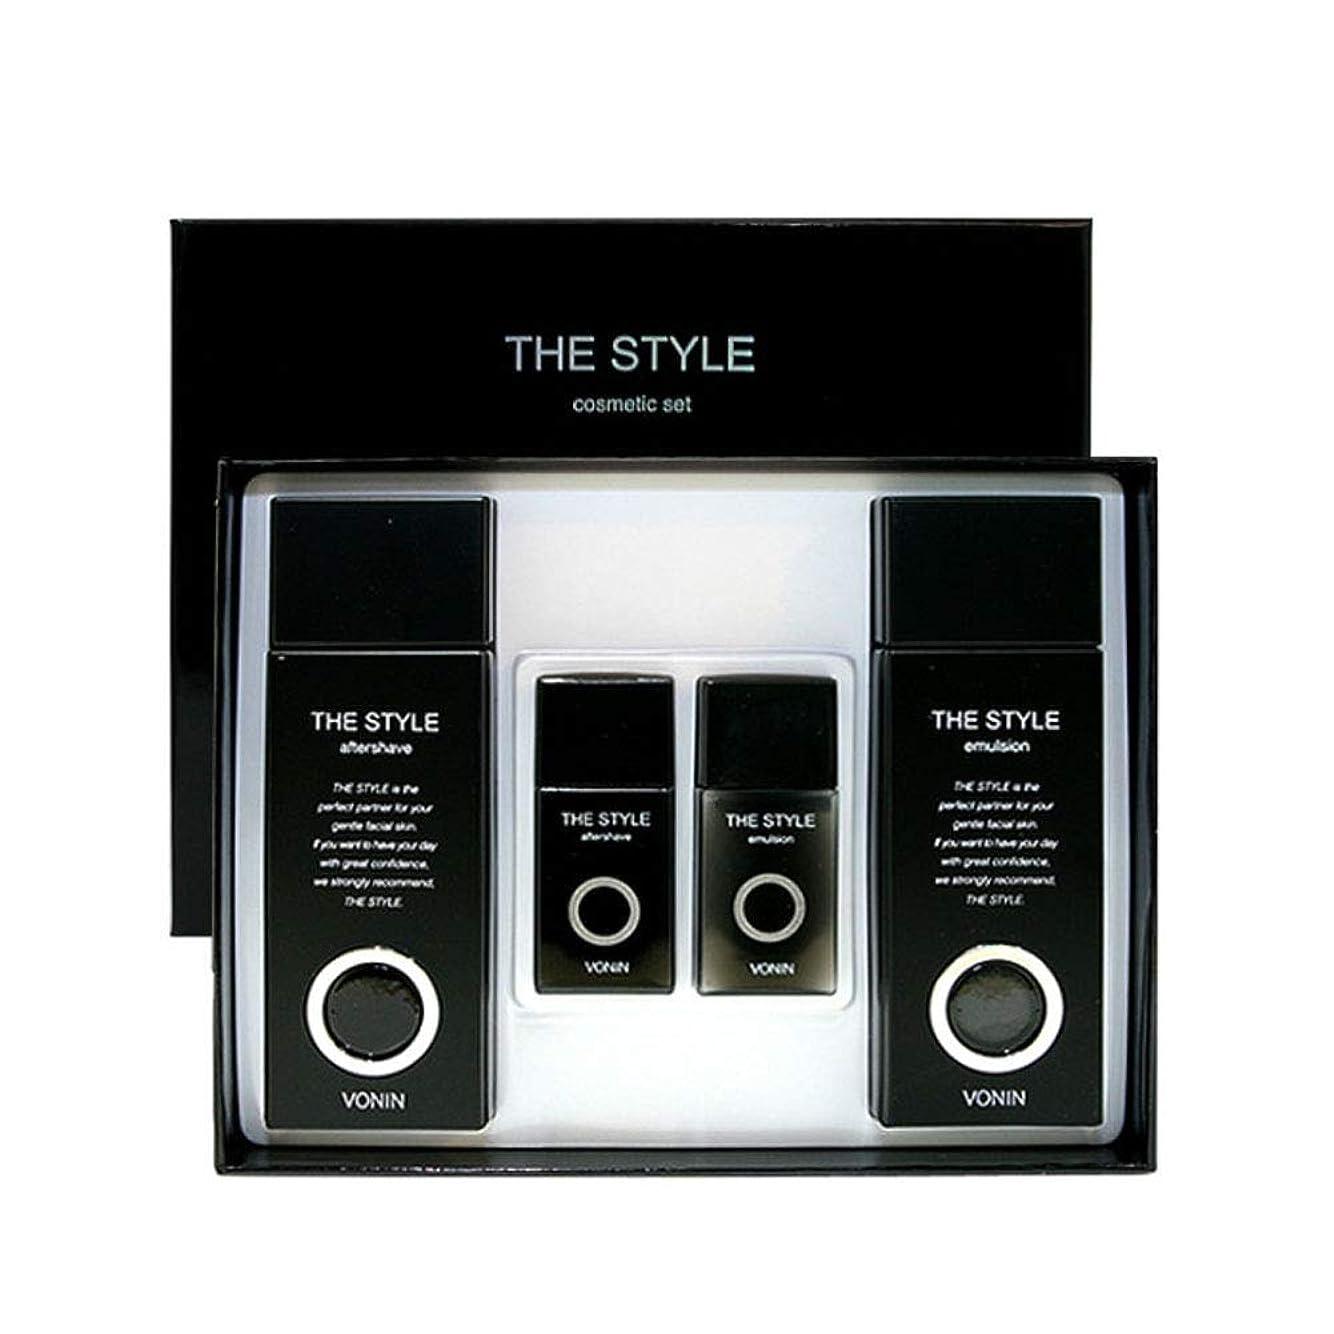 外交官大騒ぎ炭素ボニンダースタイルアフターシェーブ170ml(135+35)エマルジョン170ml(135+35)セットメンズコスメ韓国コスメ、VONIN The Style Aftershave 170ml(135+35) Emulsion 170ml(135+35) Set Men's Cosmetics Korean Cosmetics [並行輸入品]